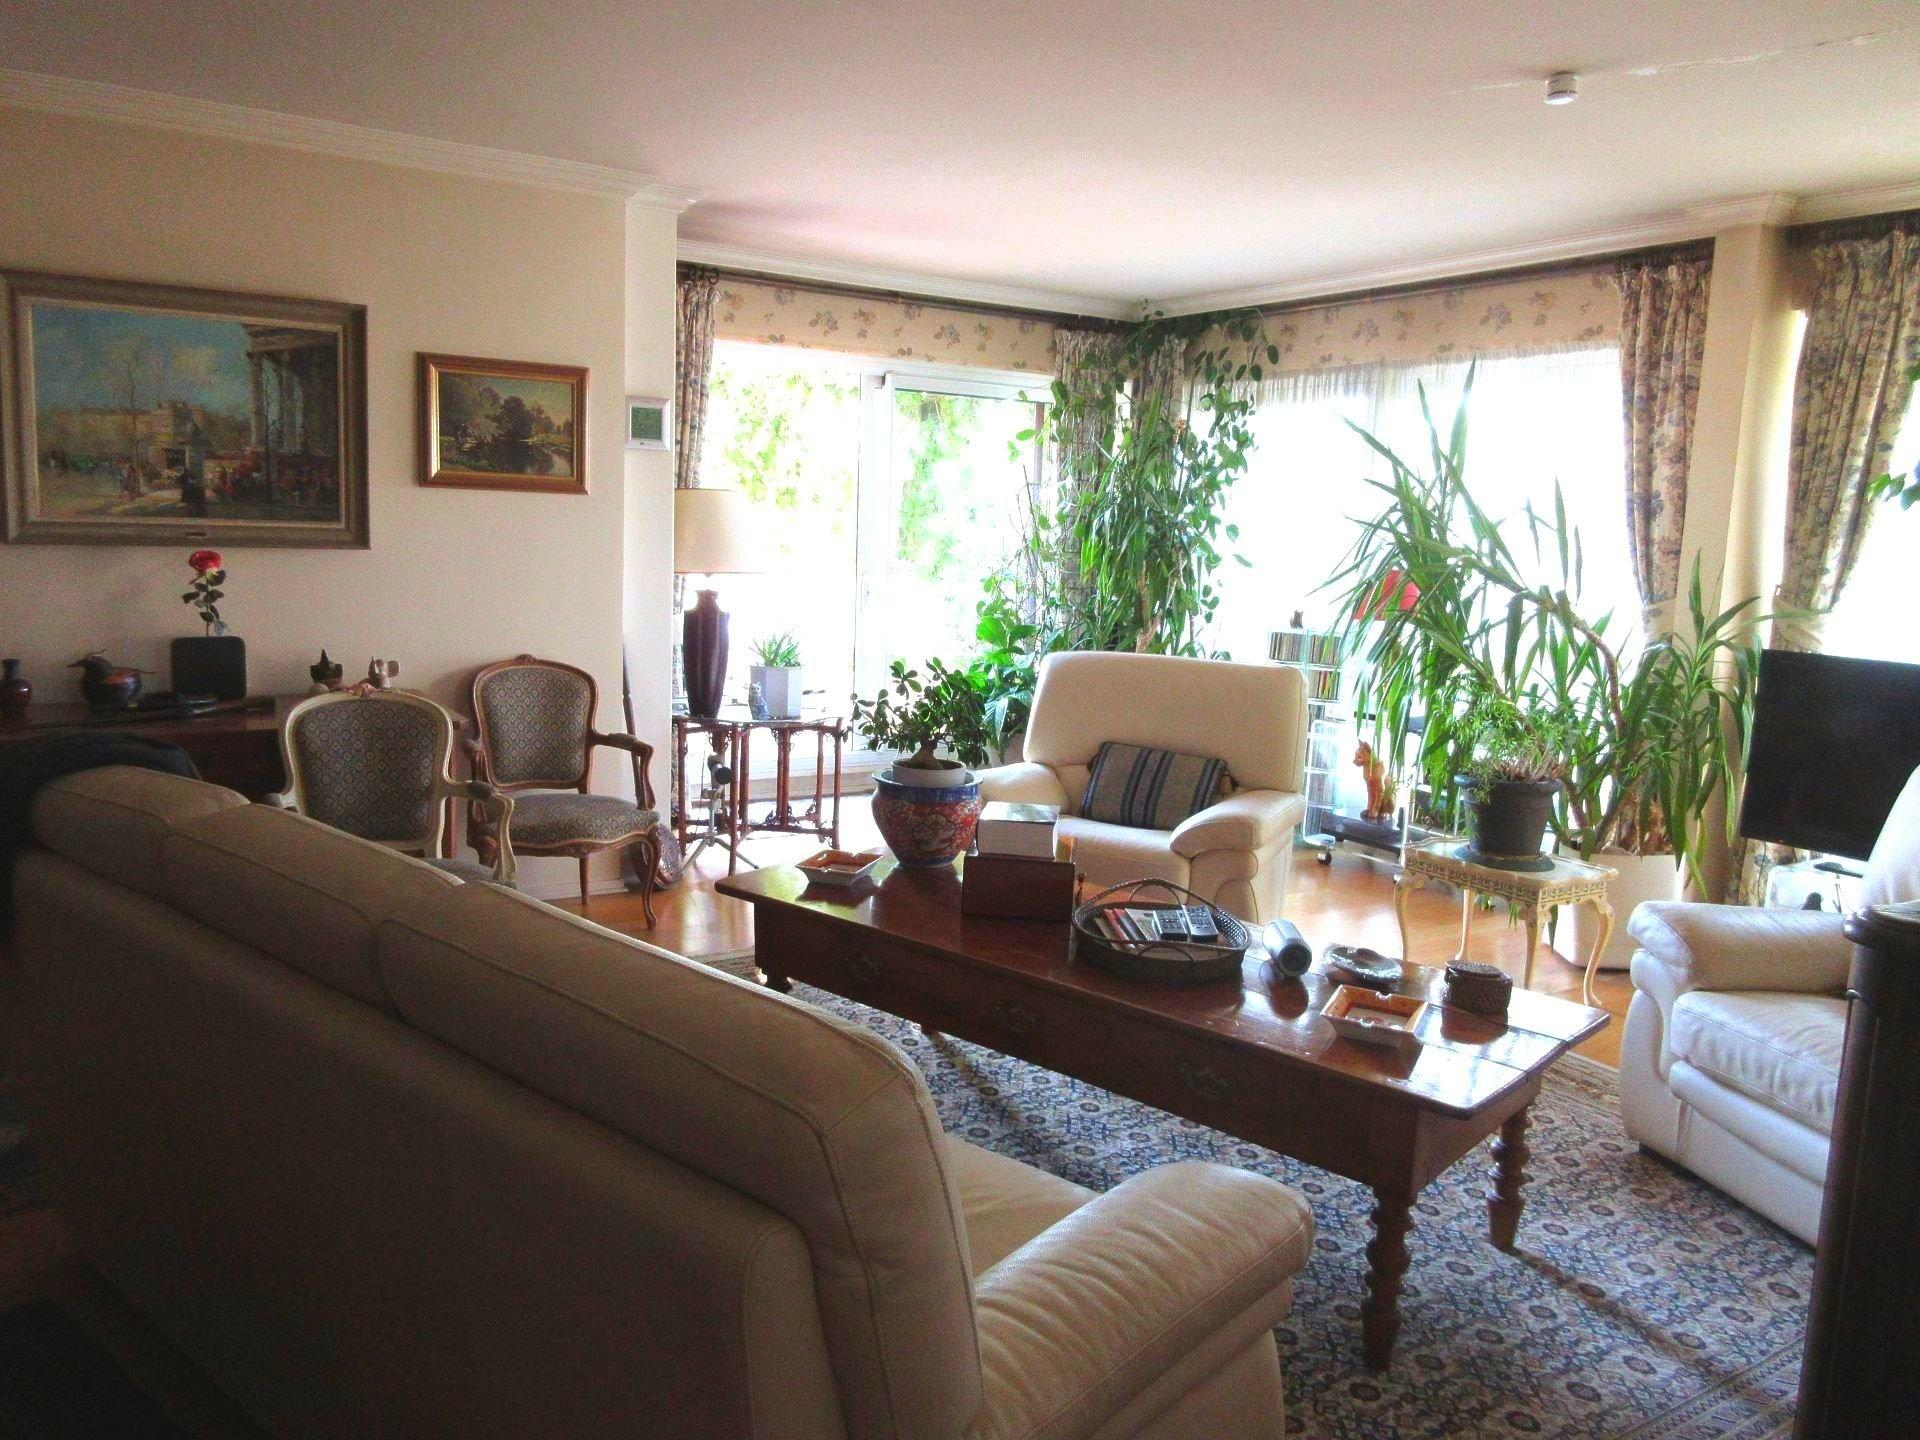 Grand appartement familial avec terrasse et jardin.